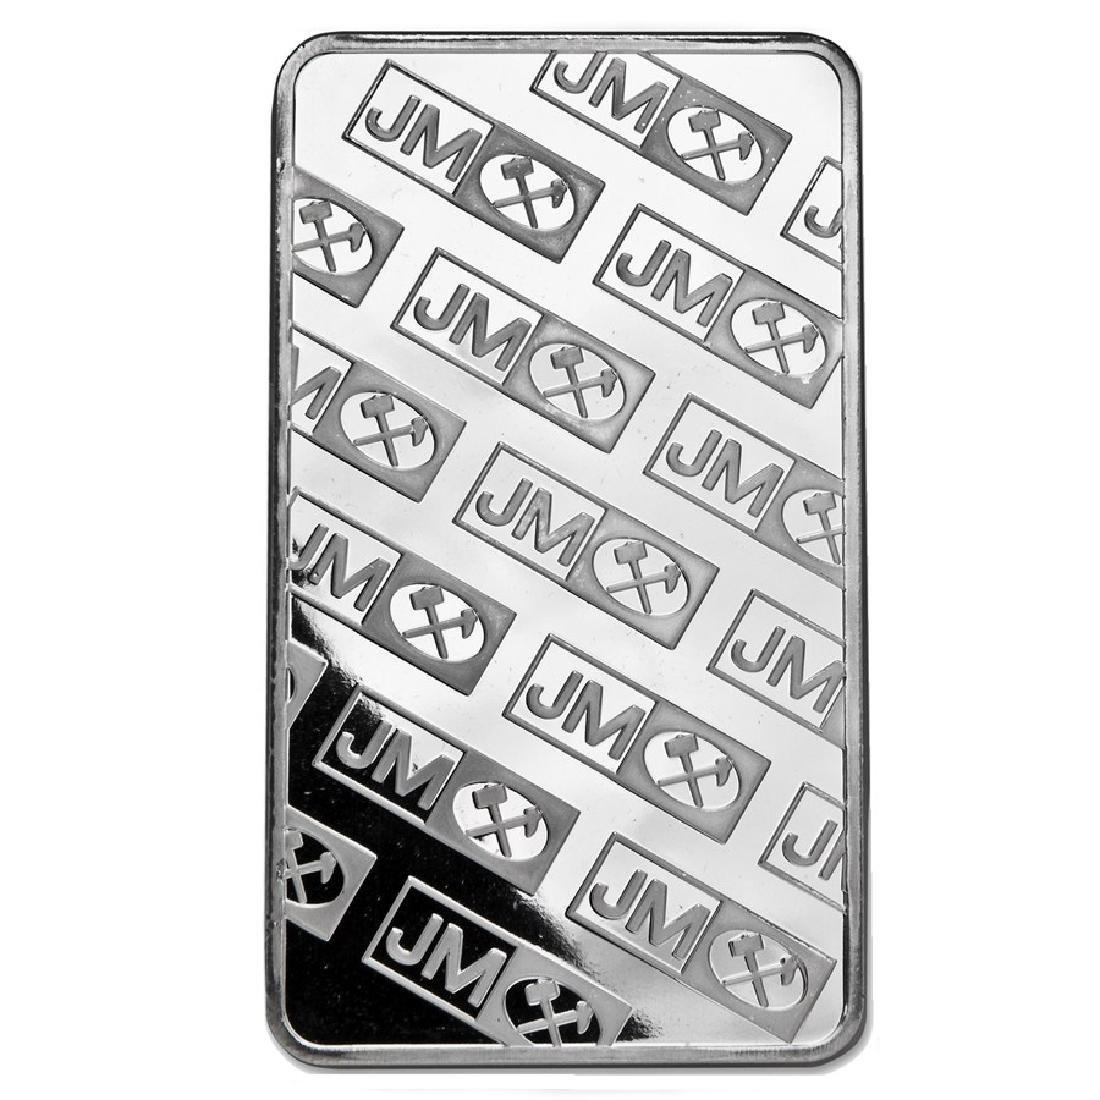 Genuine 10 oz 0.999 Fine Silver Bar - Johnson Matthey - 2